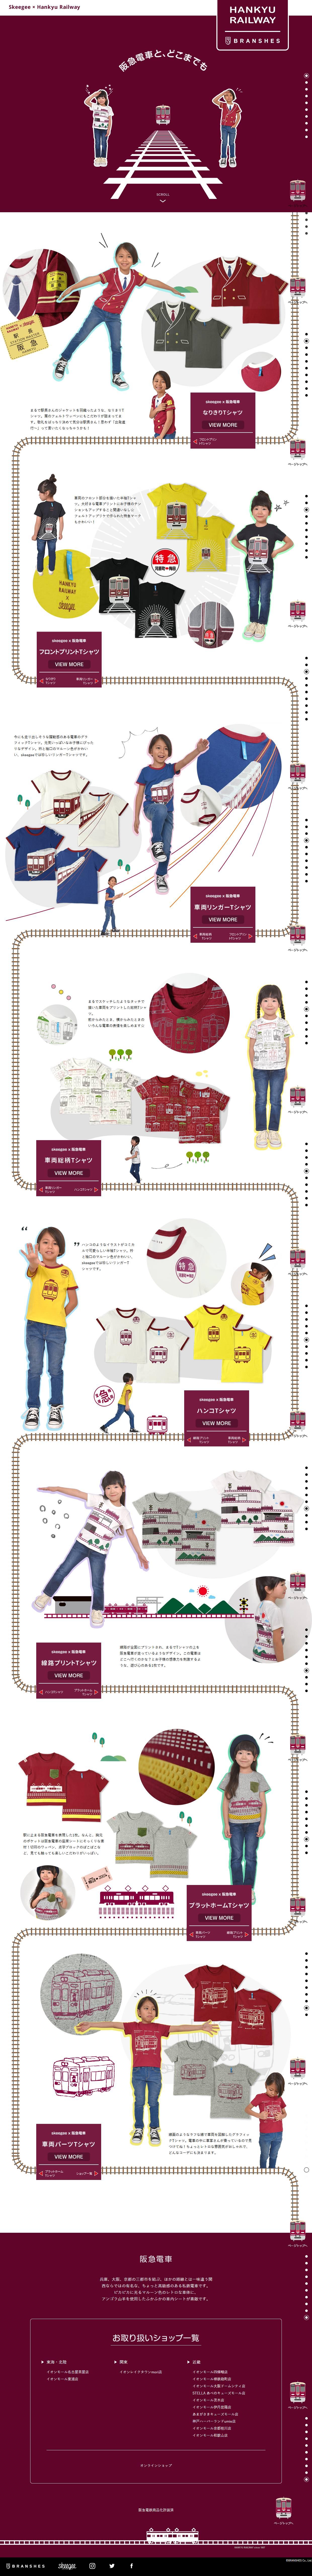 阪急電車× skeegee コラボレーション2018